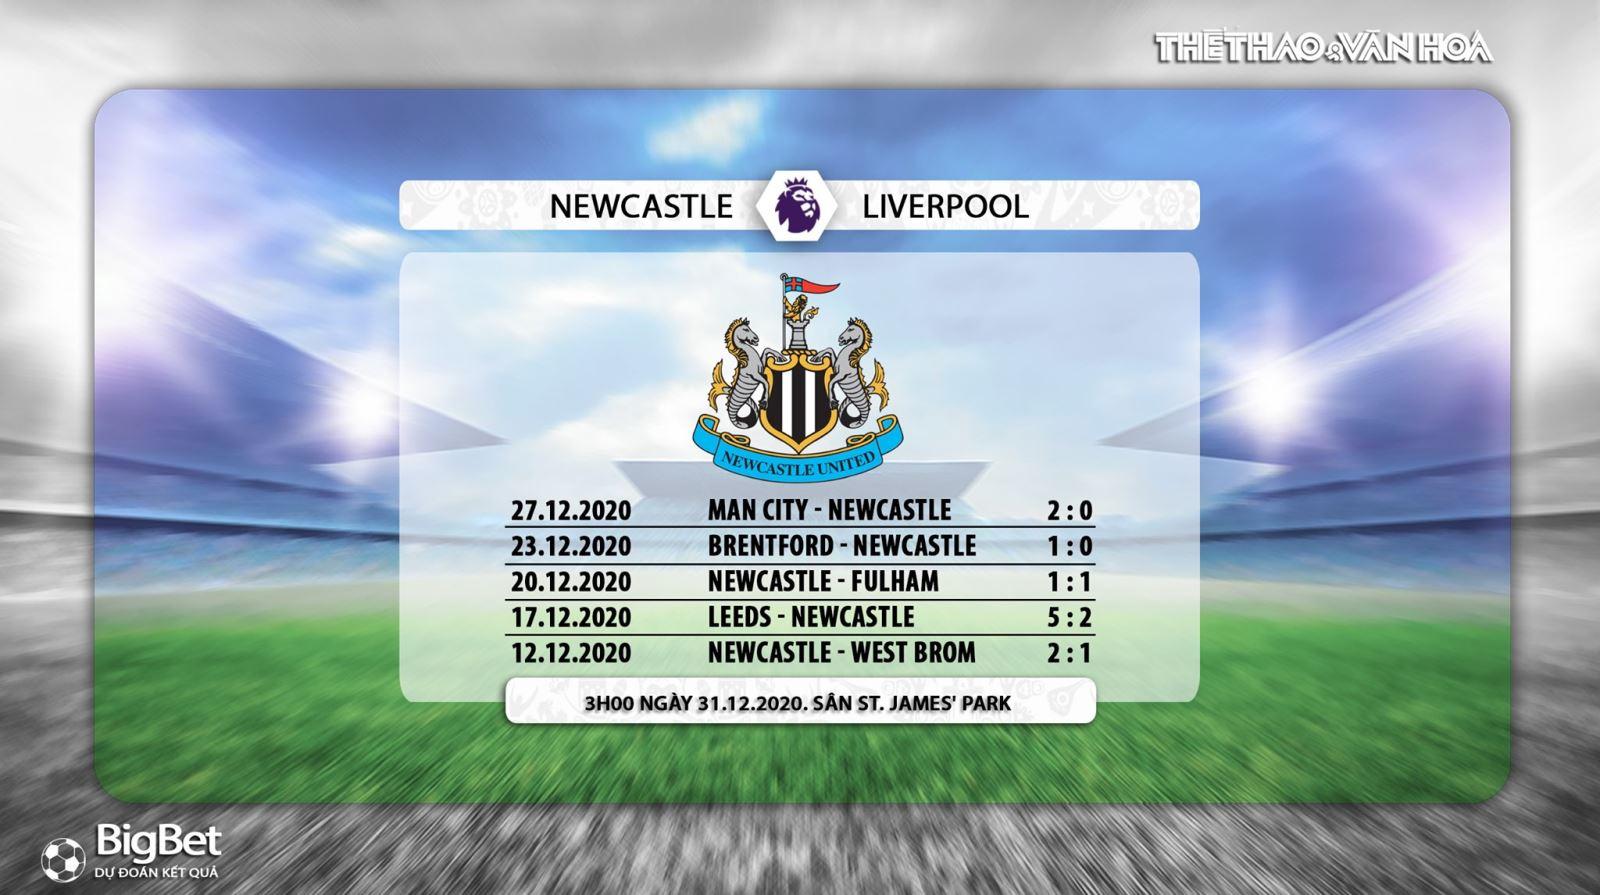 Keo nha cai, Kèo nhà cái, Newcastle vs Liverpool, Trực tiếp bóng đá Anh hôm nay, K+, K+PM, soi kèo bóng đá Liverpool đấu với Newcastle, trực tiếp bóng đá Ngoại hạng Anh